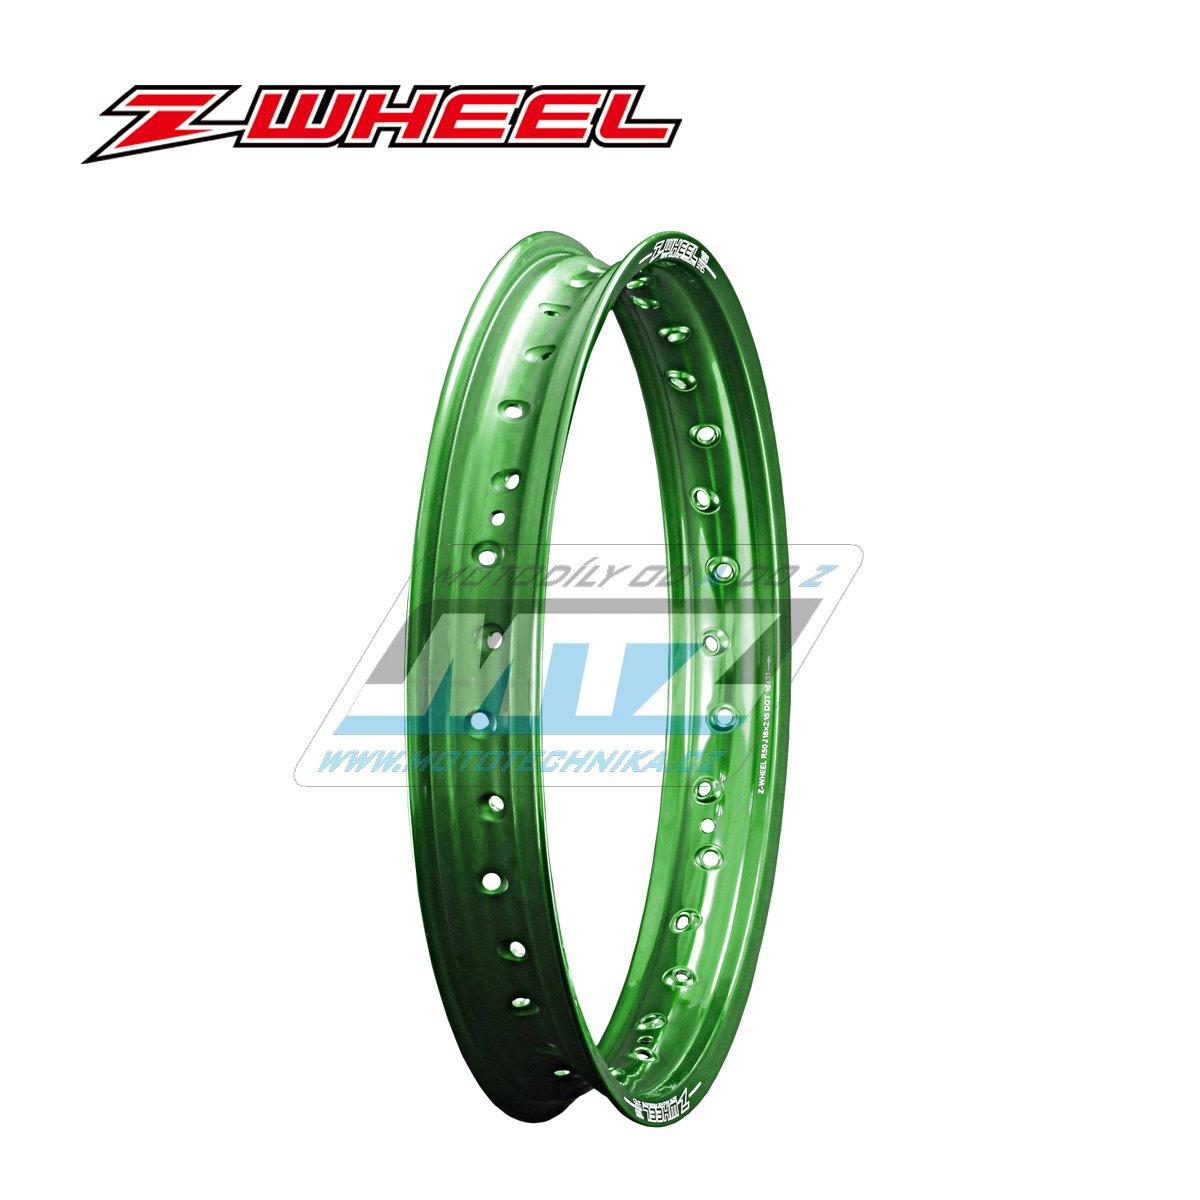 """Ráfek zadní Zeta Z-WHEEL - rozměr 2,15x19"""" - 36H (předvrtaný 36otvorů) - zelený"""